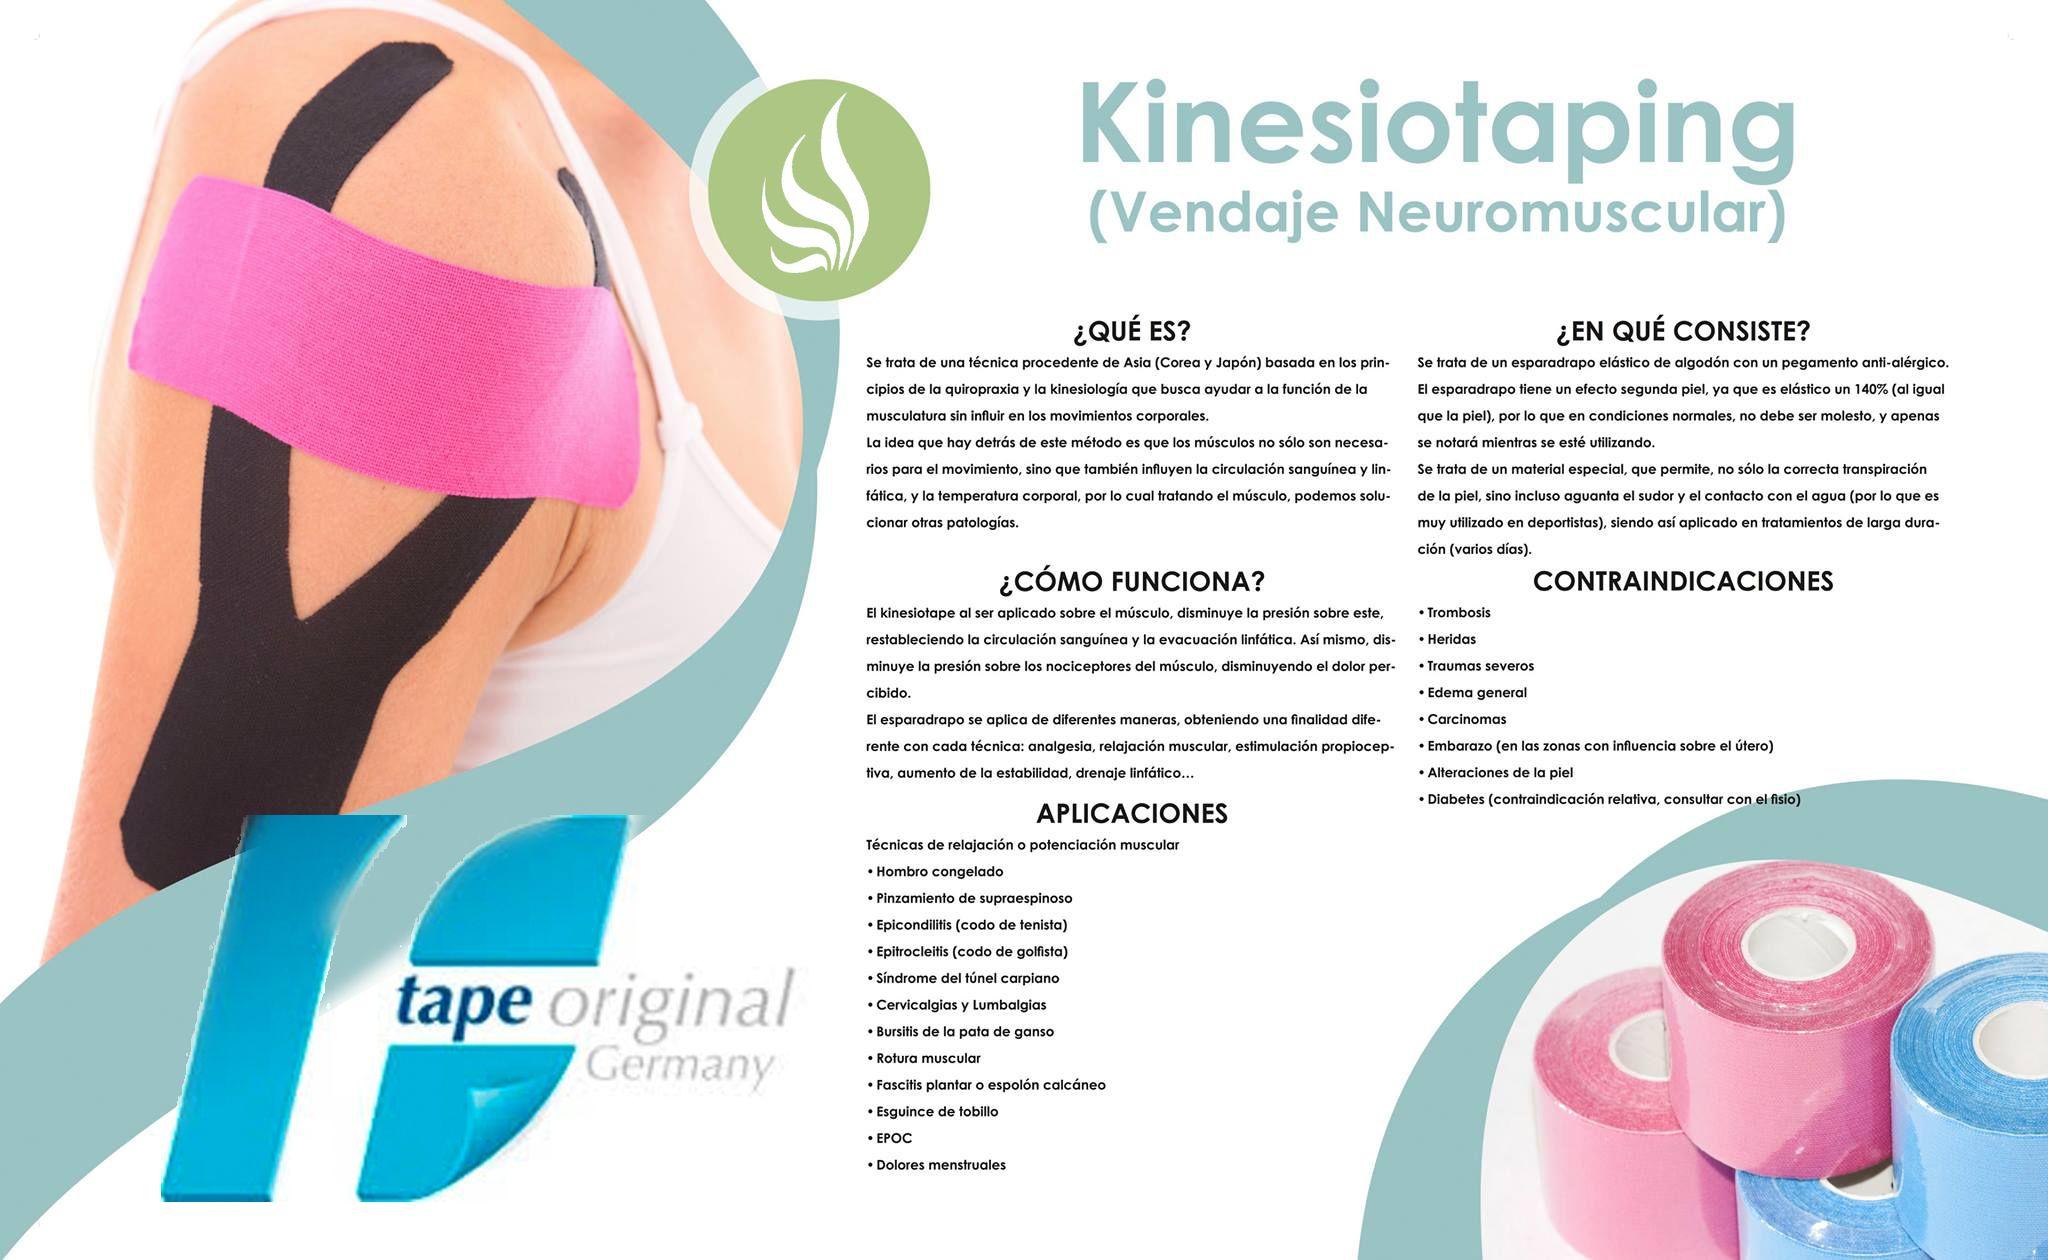 Kinesiotaping O Vendaje Neuromuscular Mucho Más Que Una Moda Vendaje Neuromuscular Vendaje Consejos Para La Salud